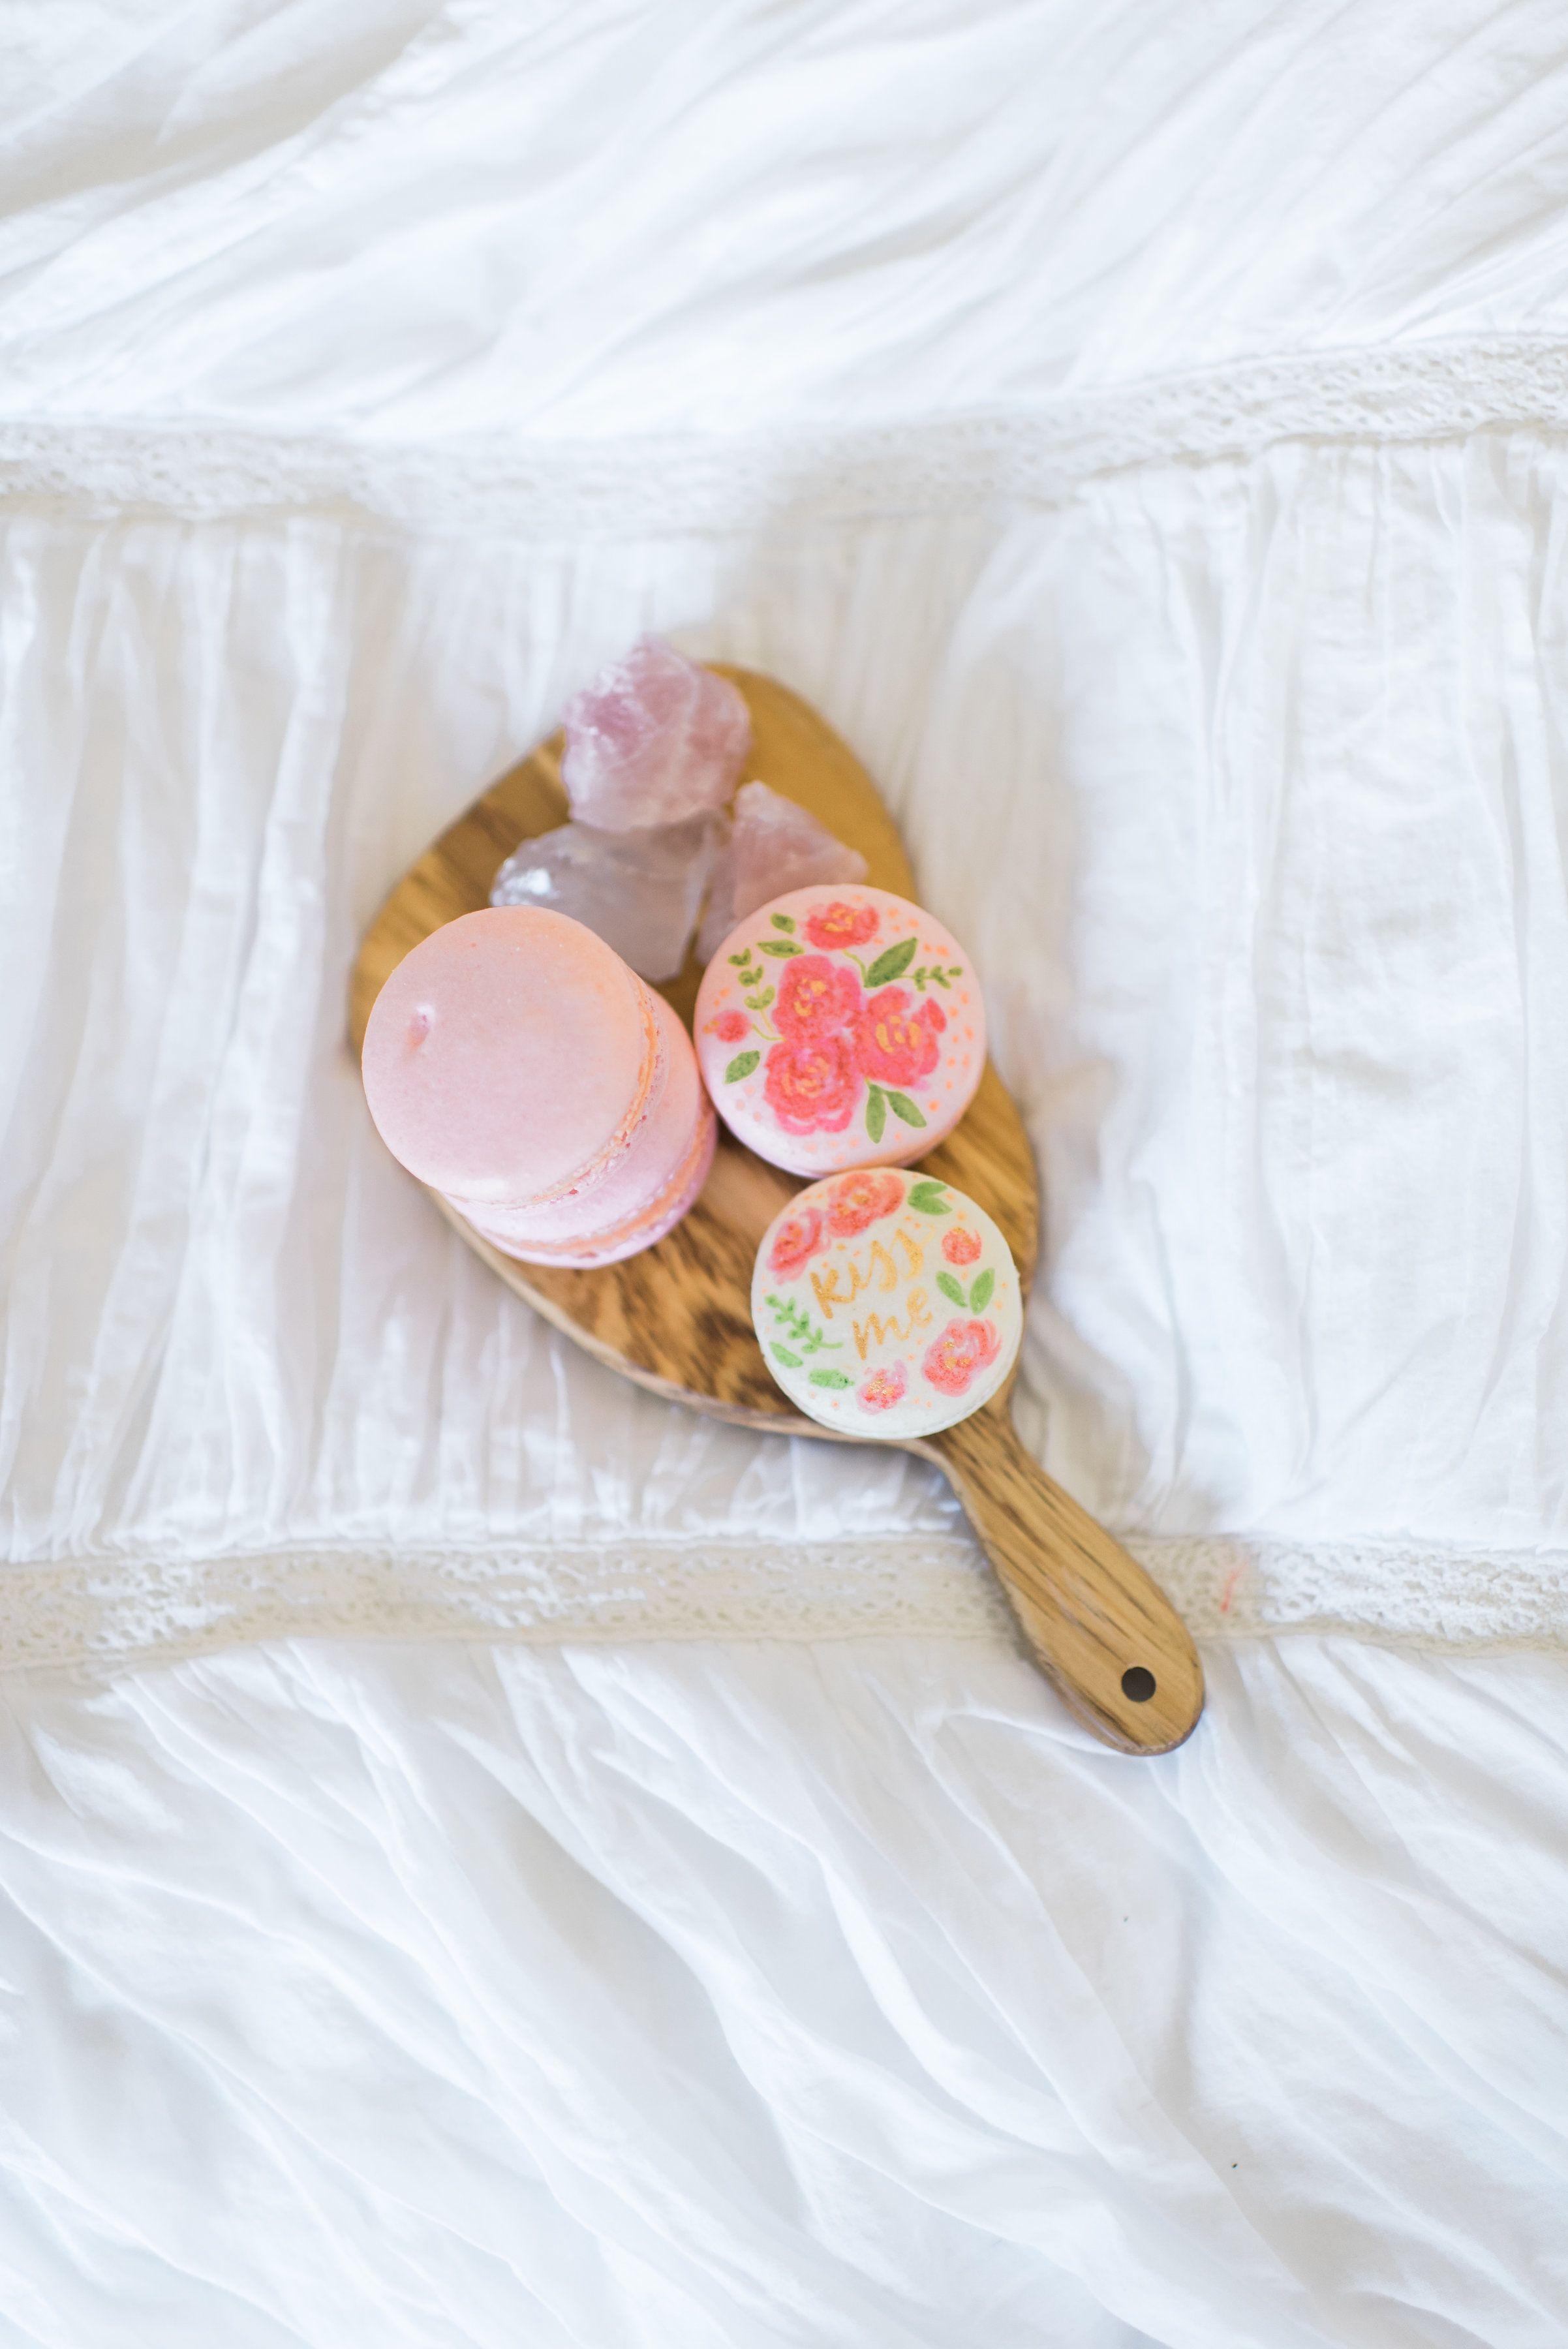 Rosé Macarons, #sweetgemshtx #bakingwithgeology